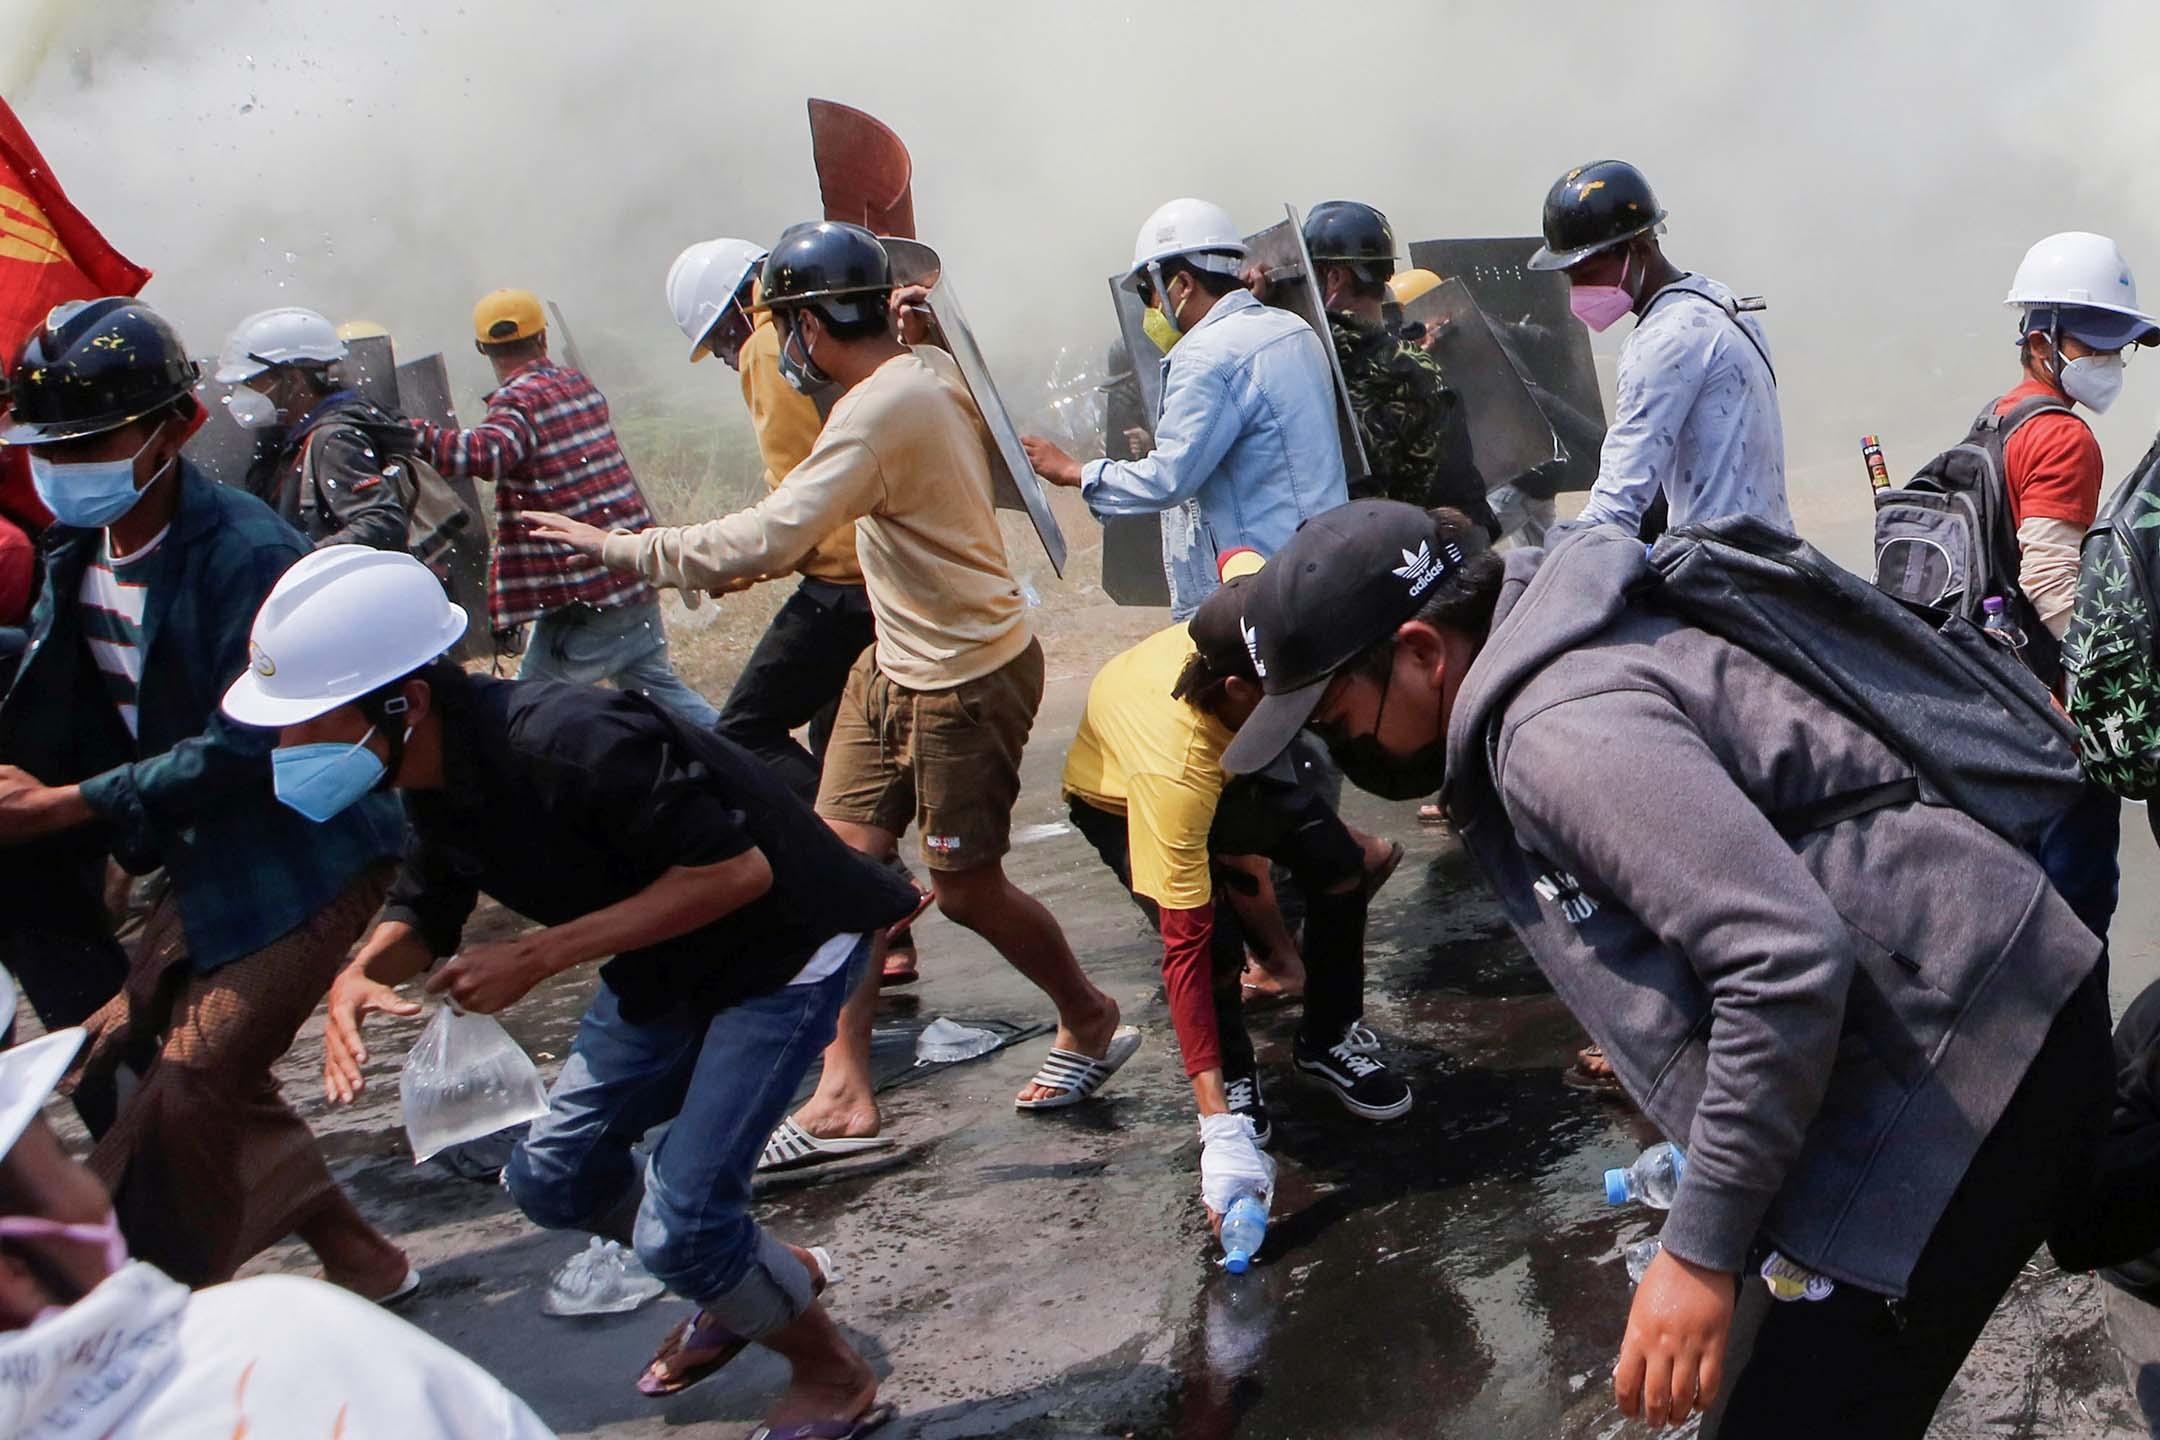 2021年3月8日緬甸奈比多,一場軍事政變示威活動中,示威者在催淚彈和滅火劑氣體中逃跑。